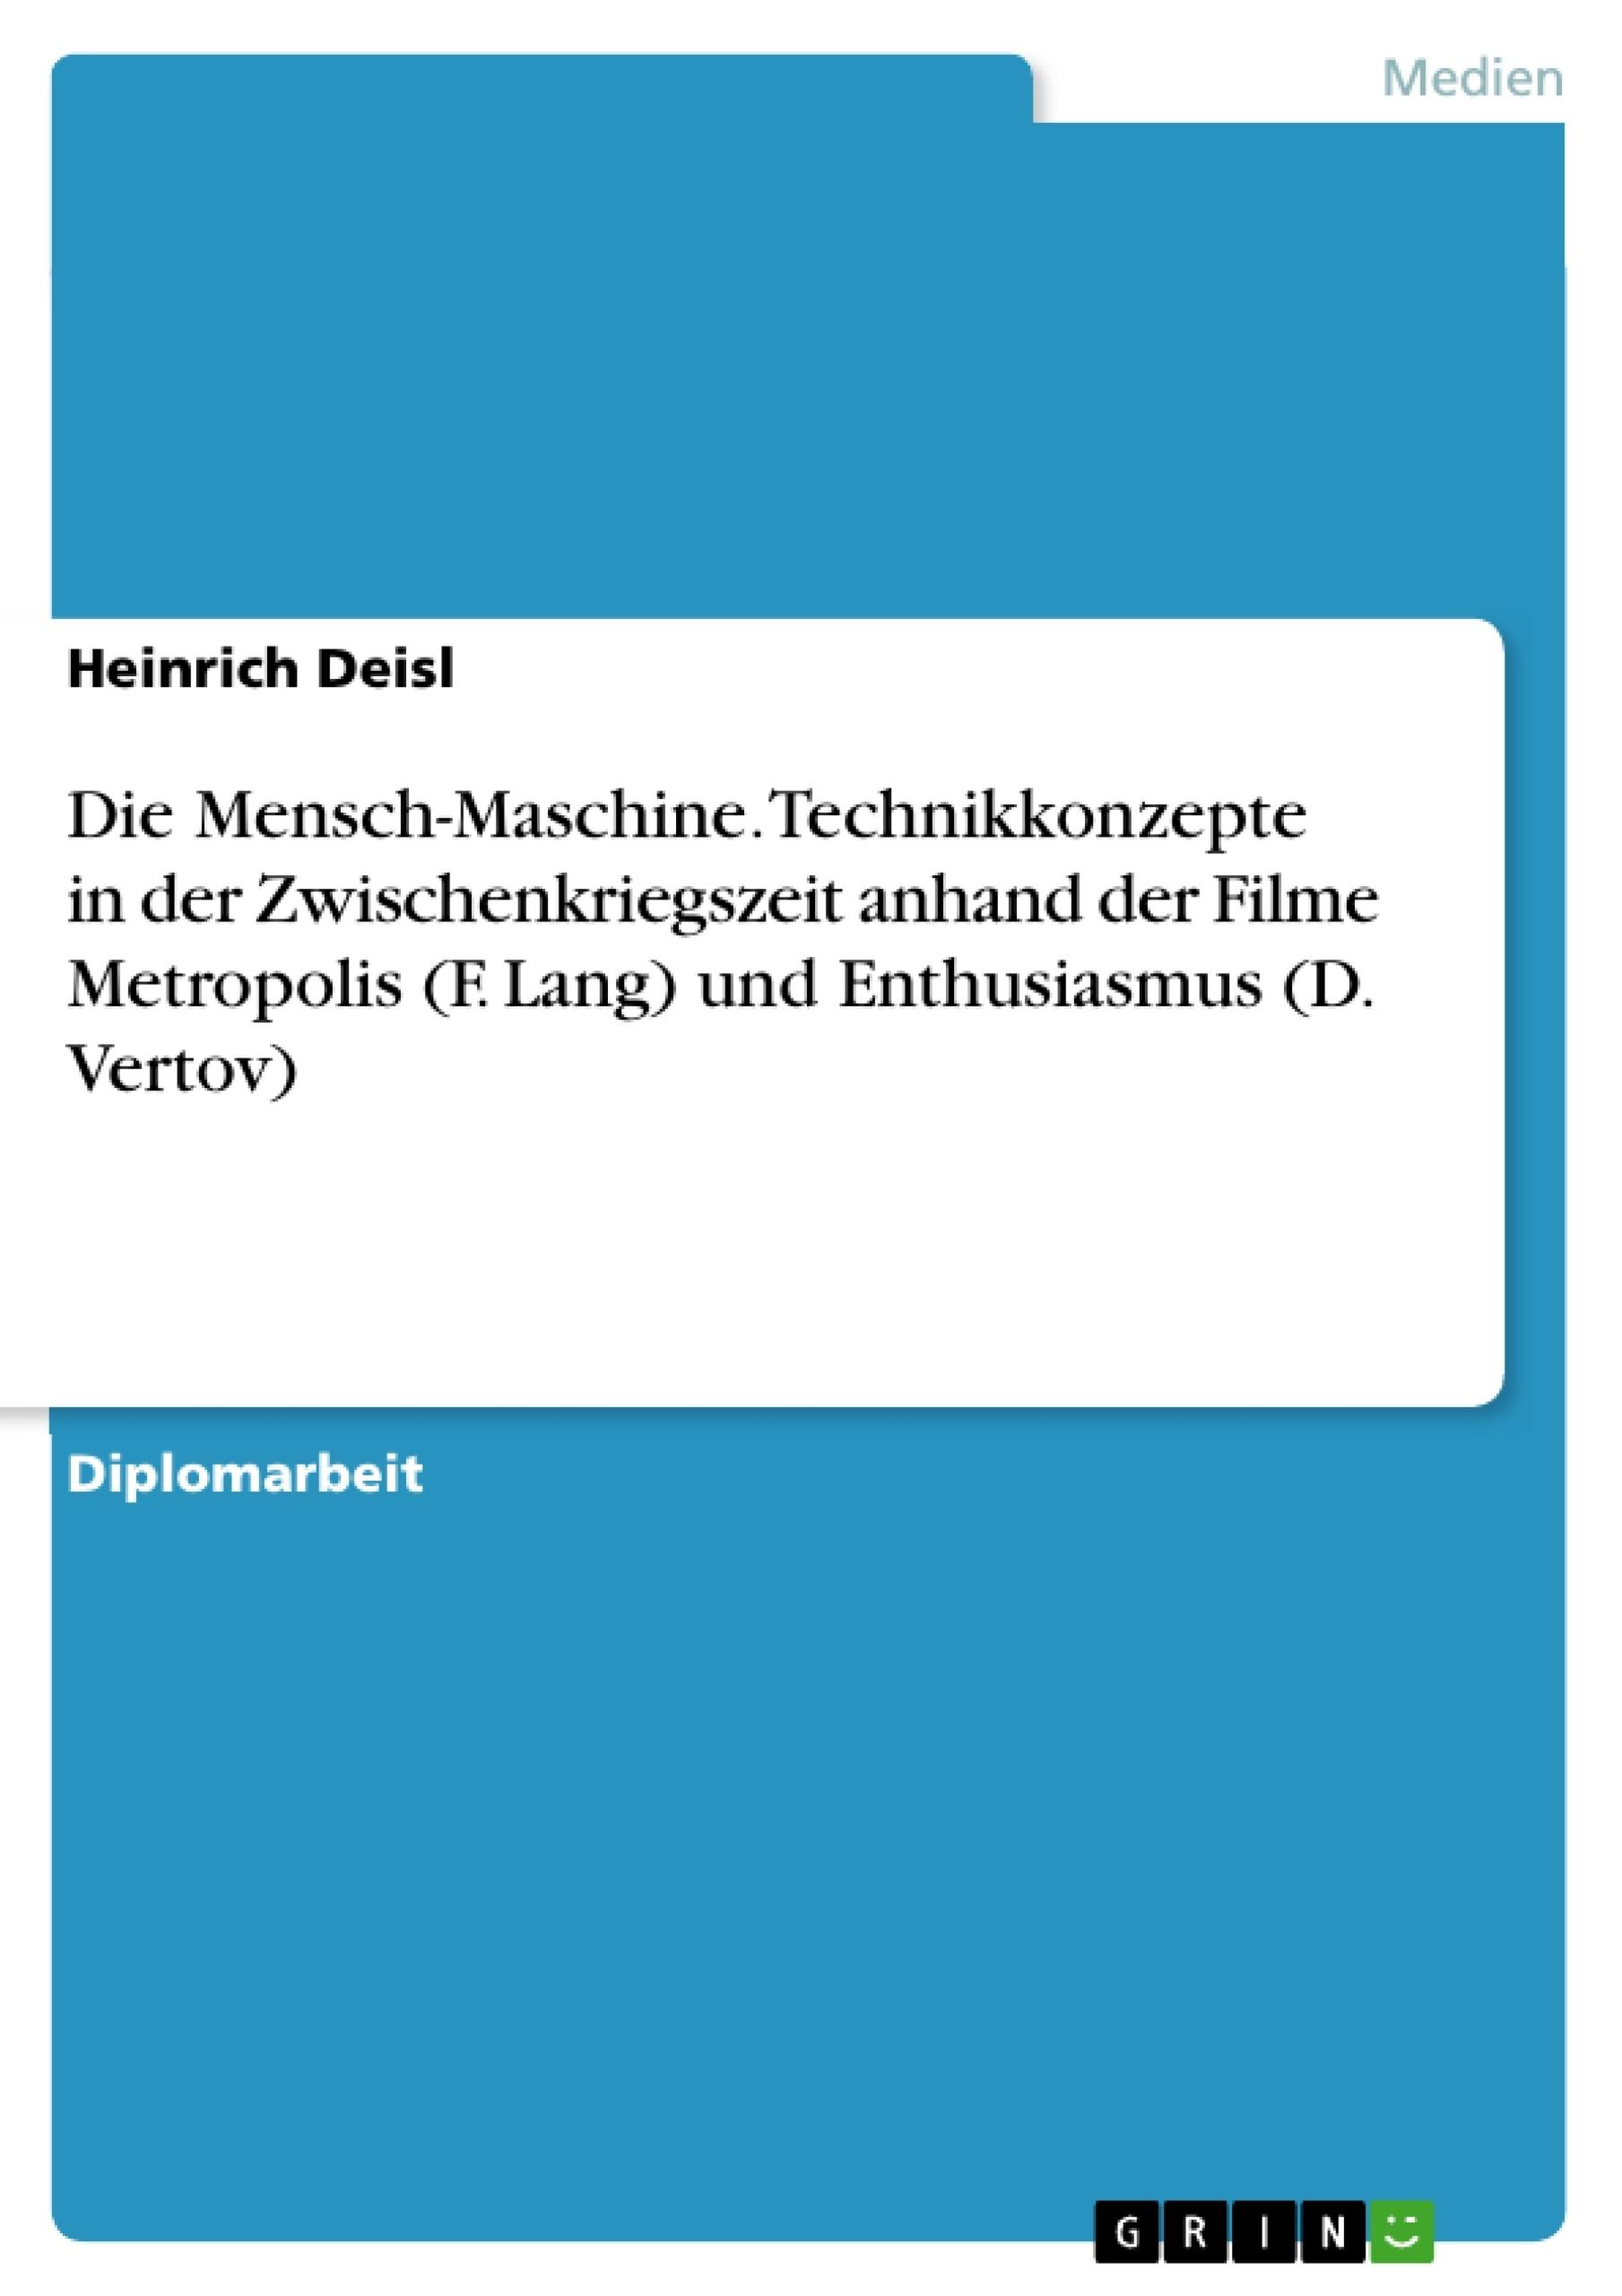 Titel: Die Mensch-Maschine. Technikkonzepte in der Zwischenkriegszeit anhand der Filme  Metropolis  (F. Lang) und  Enthusiasmus  (D. Vertov)